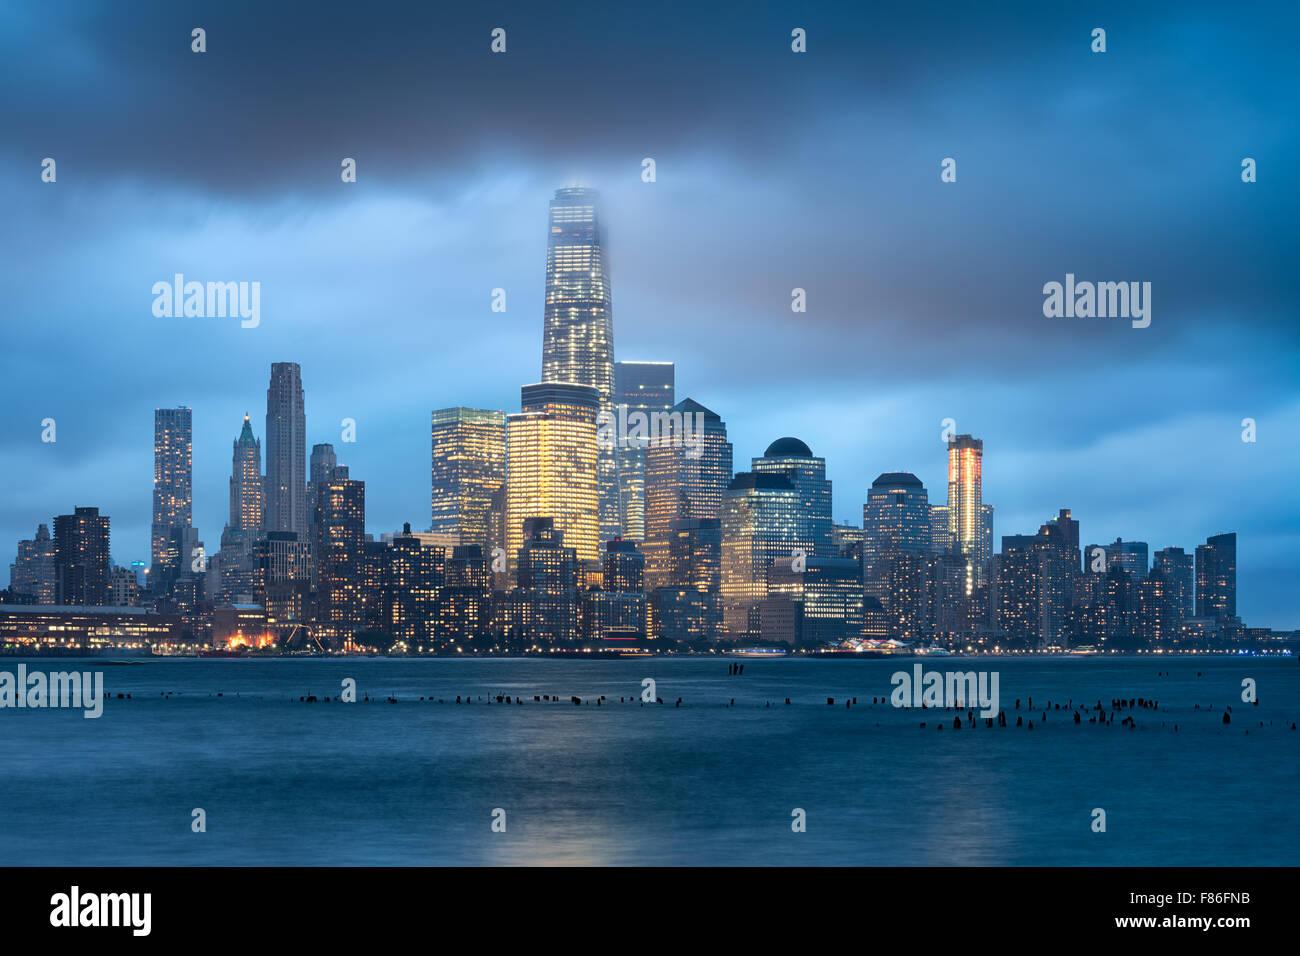 Lower Manhattan und Financial District beleuchtet Wolkenkratzer mit Gewitterwolken, New York City. World Trade Center Stockfoto